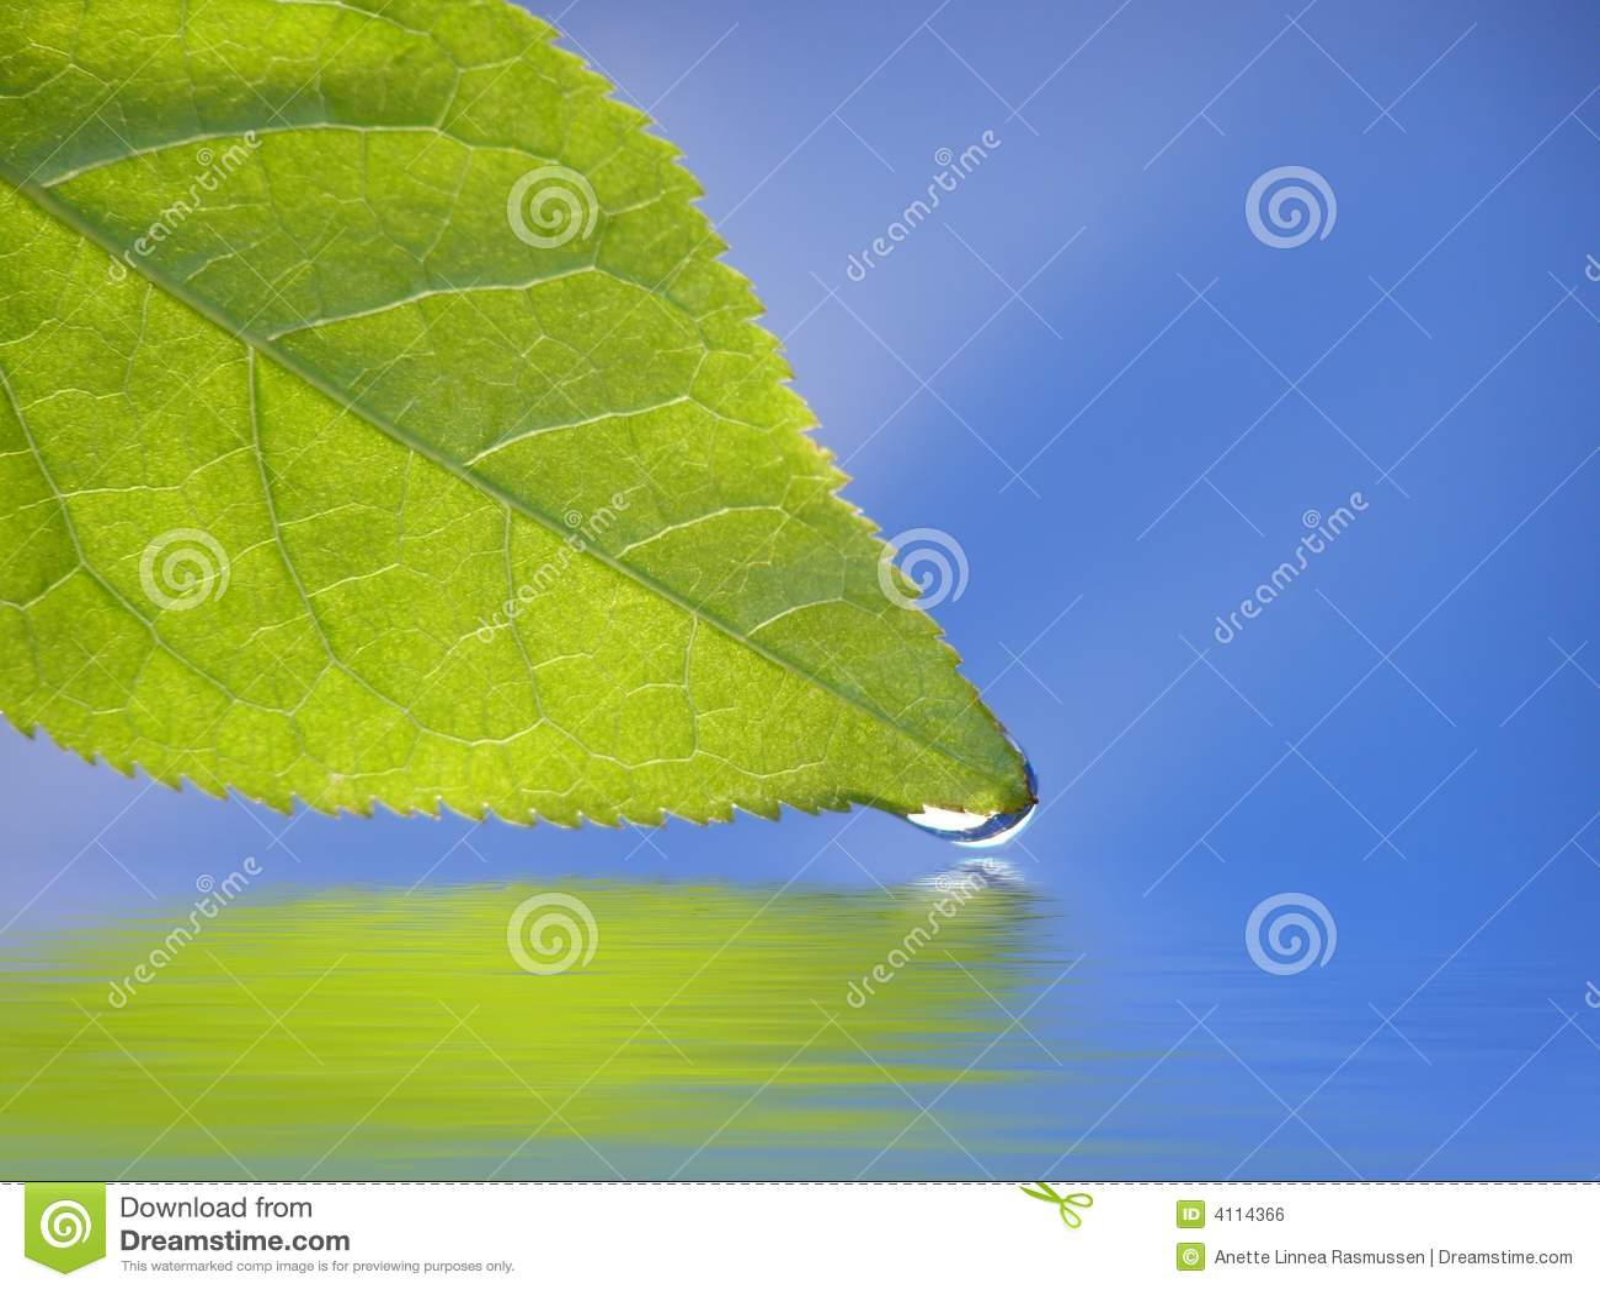 背景蓝绿色叶子